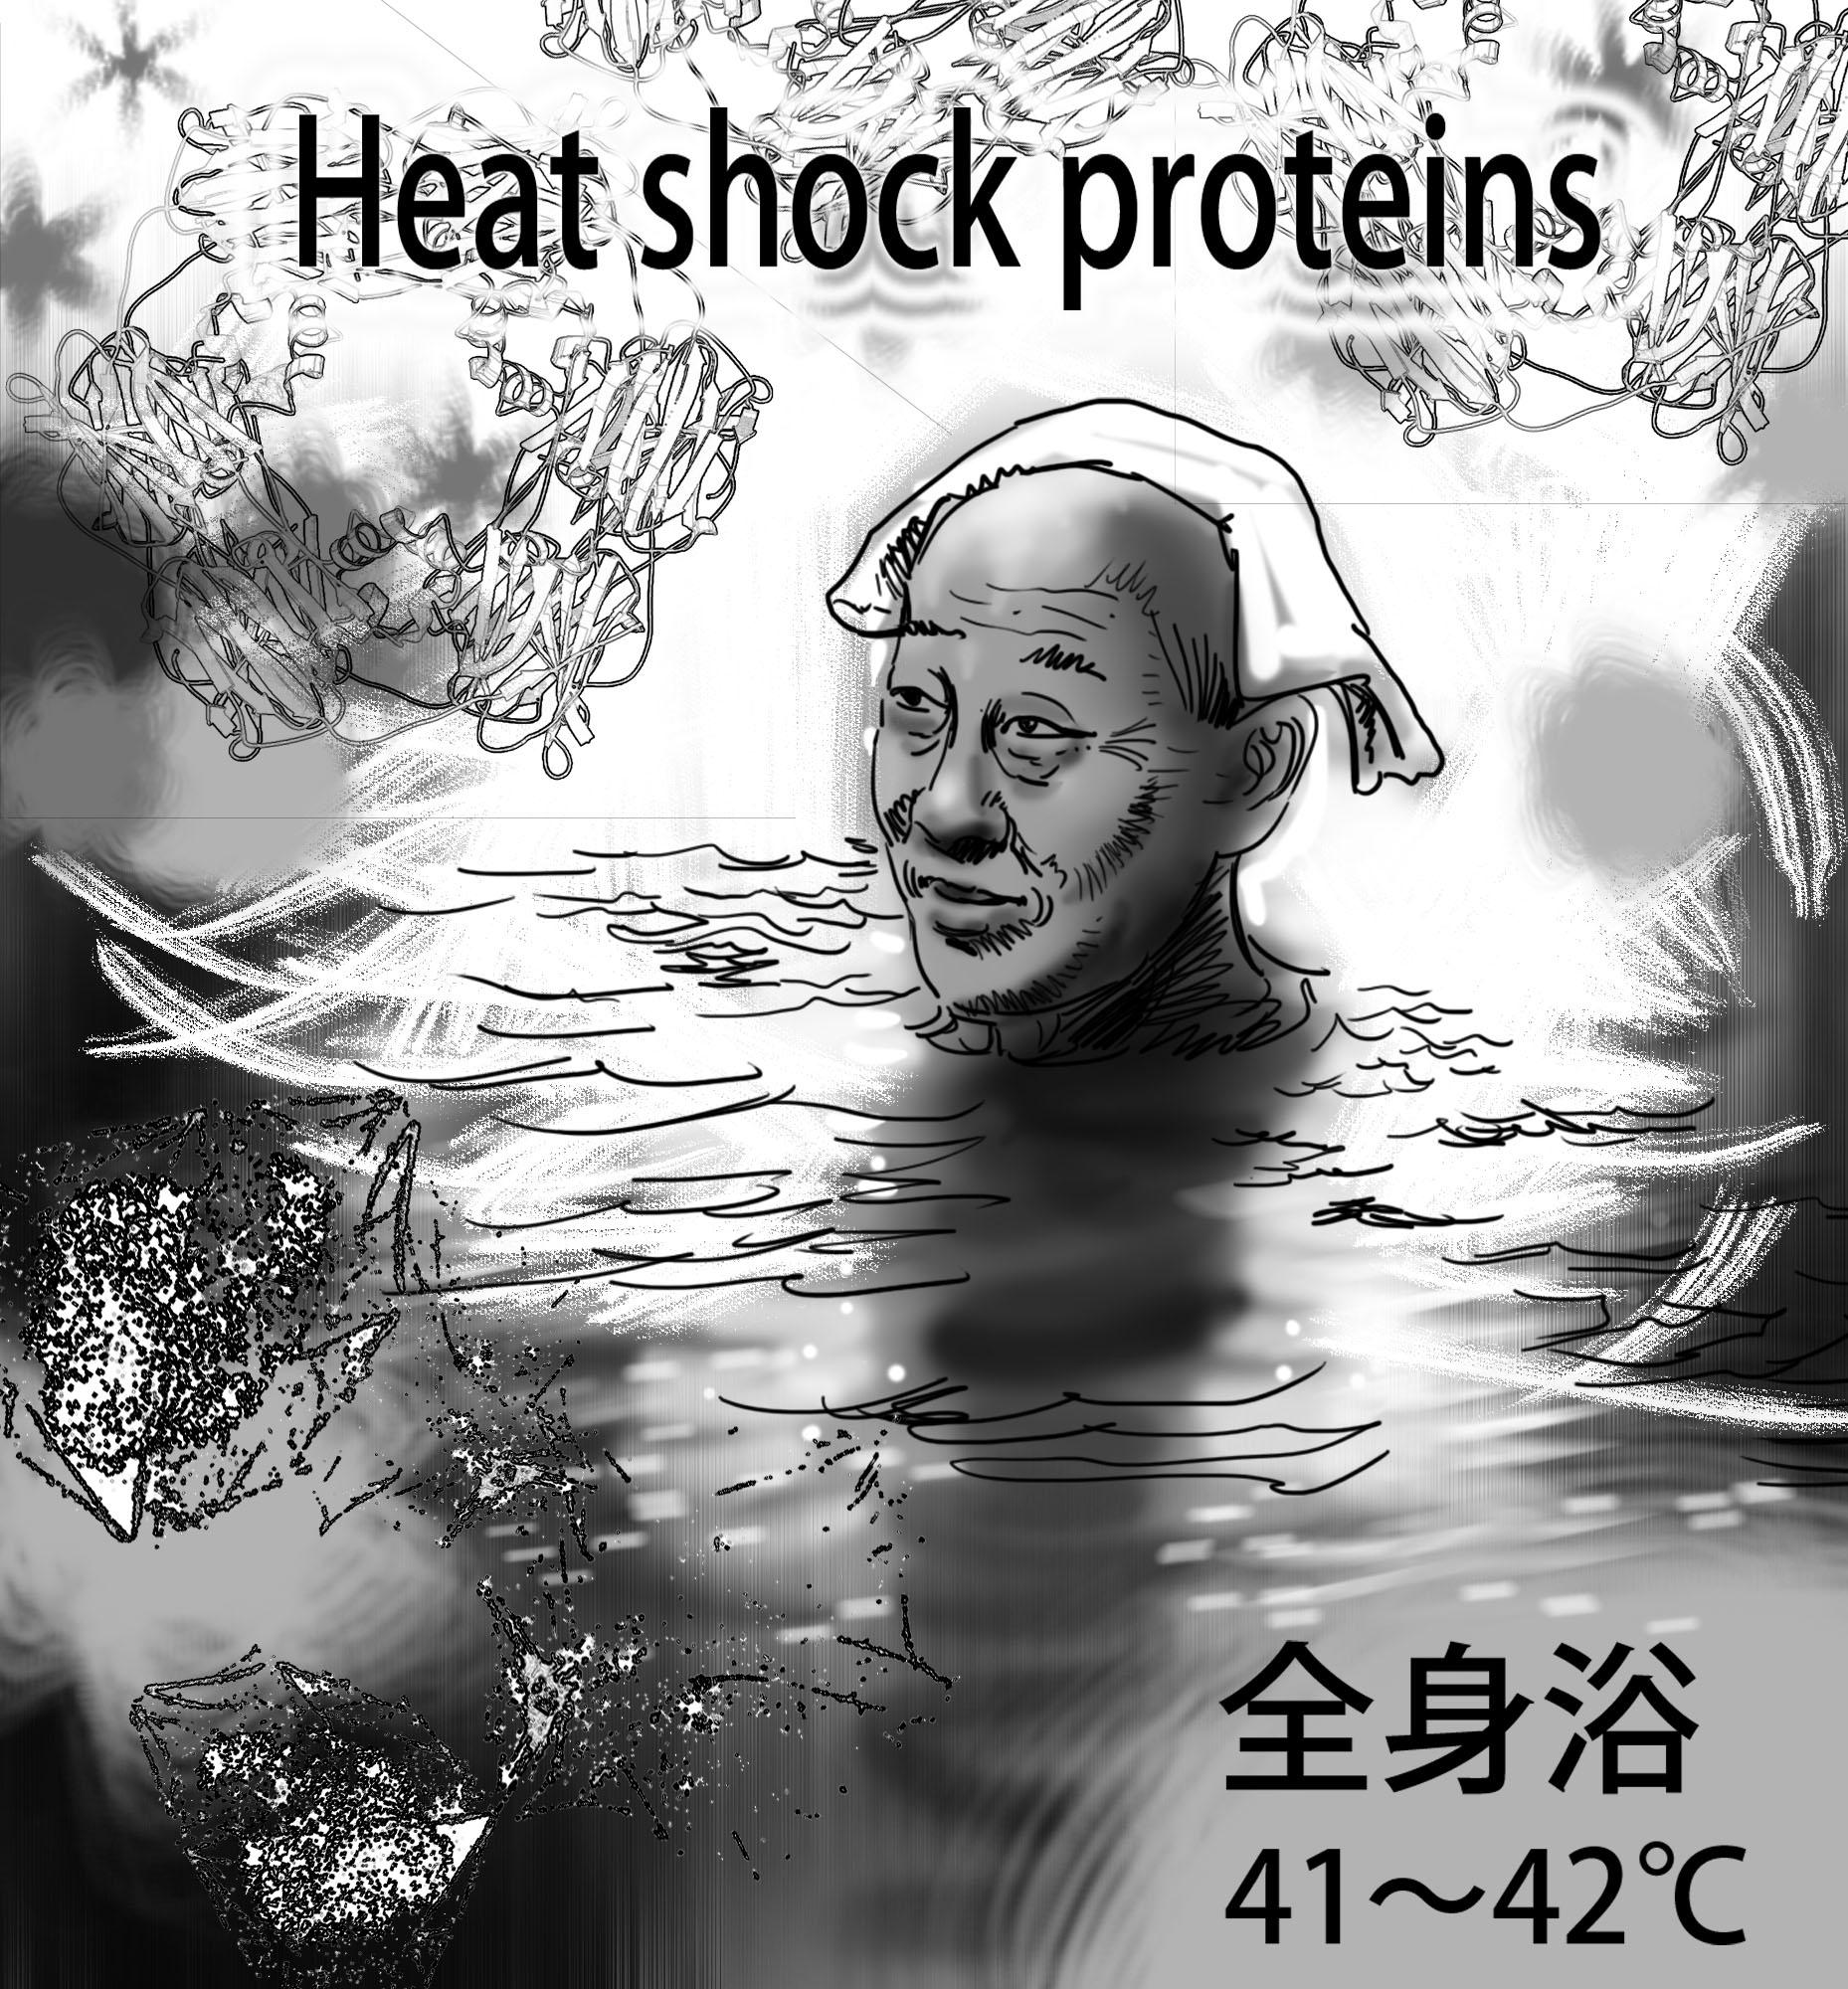 201300113厳冬の中での健康法、全身入浴は効果抜群!